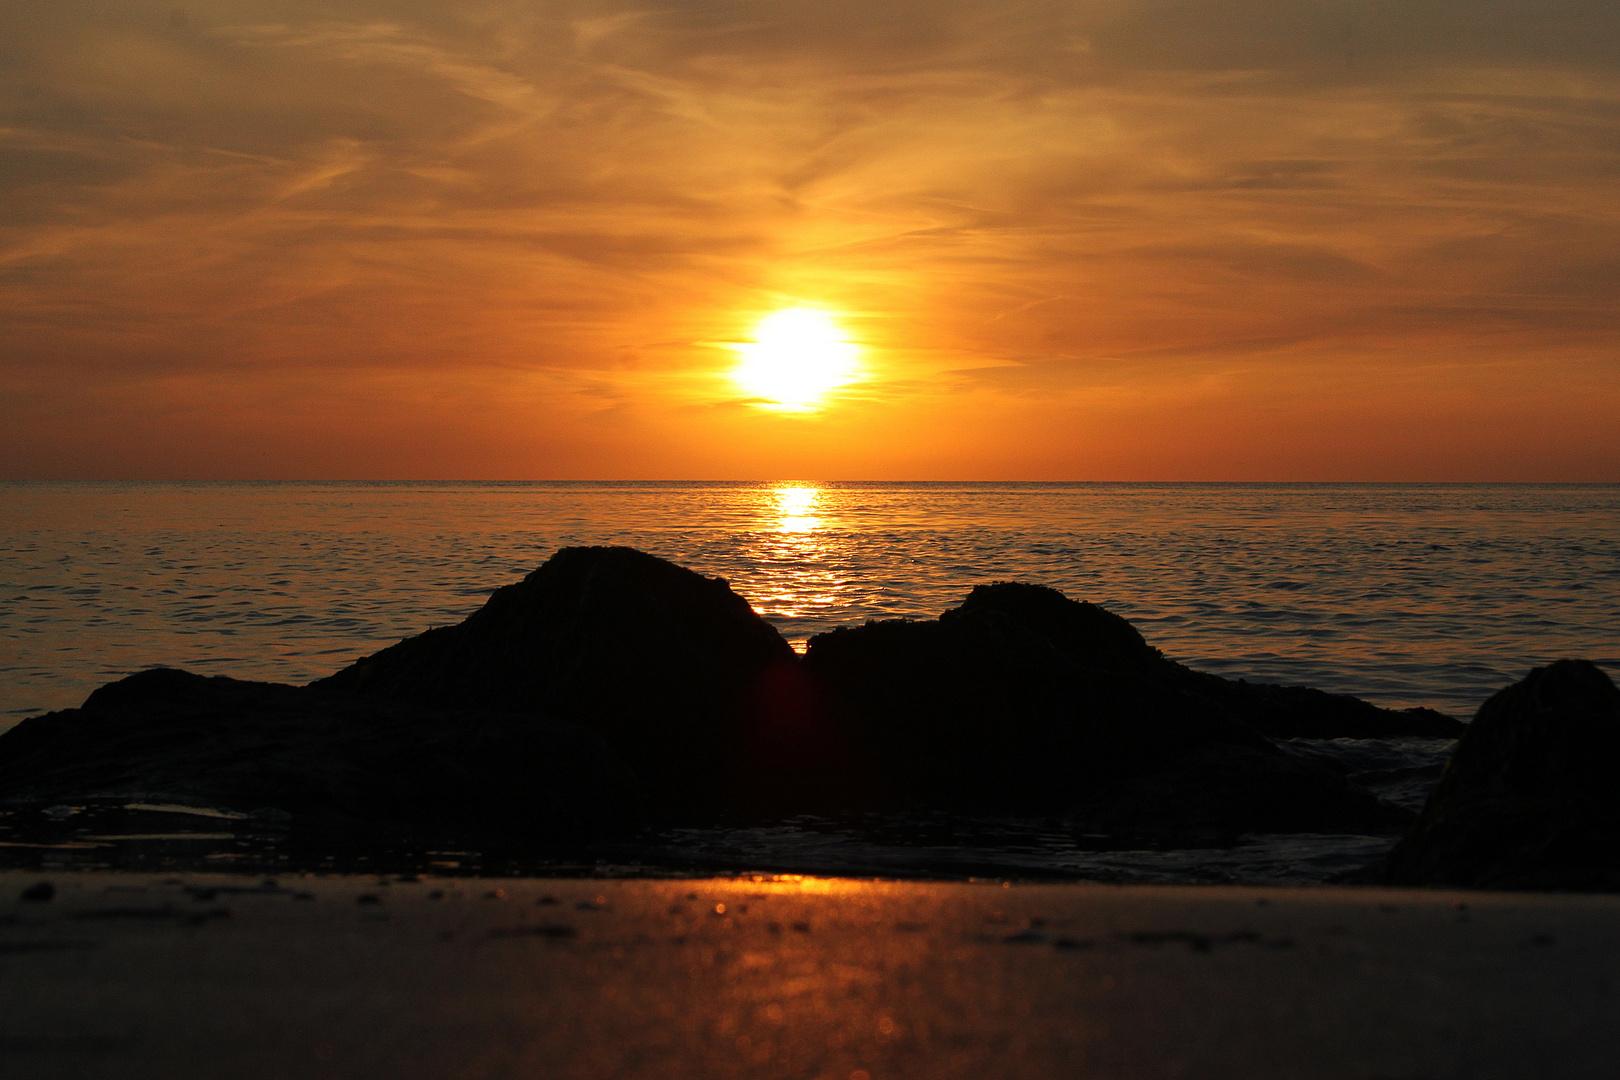 Die Sonne sagt gute Nacht